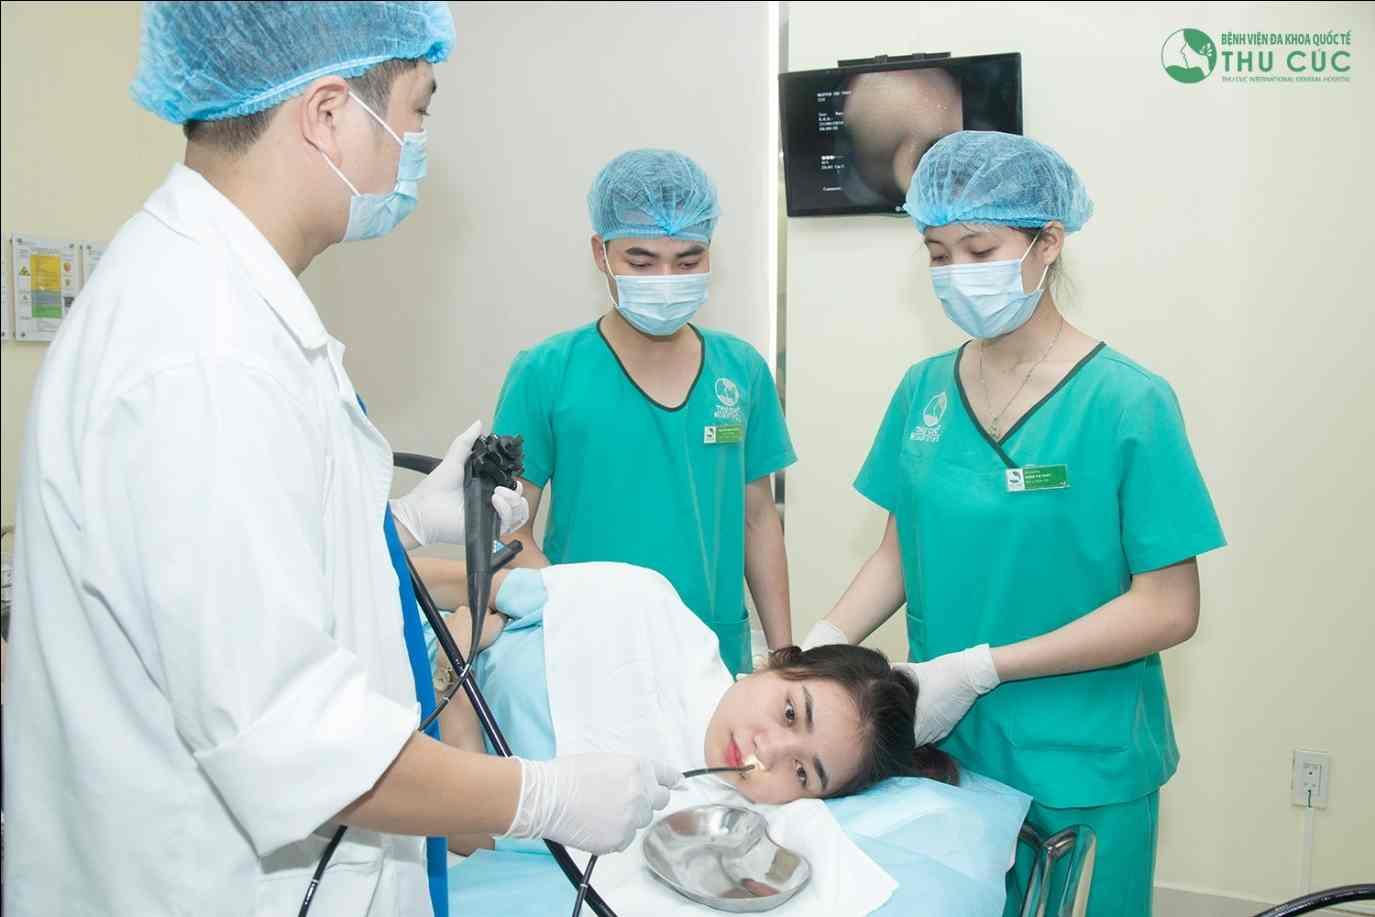 Dịch vụ nội soi không đau được nhiều người bệnh của Thu Cúc tin tưởng và sử dụng